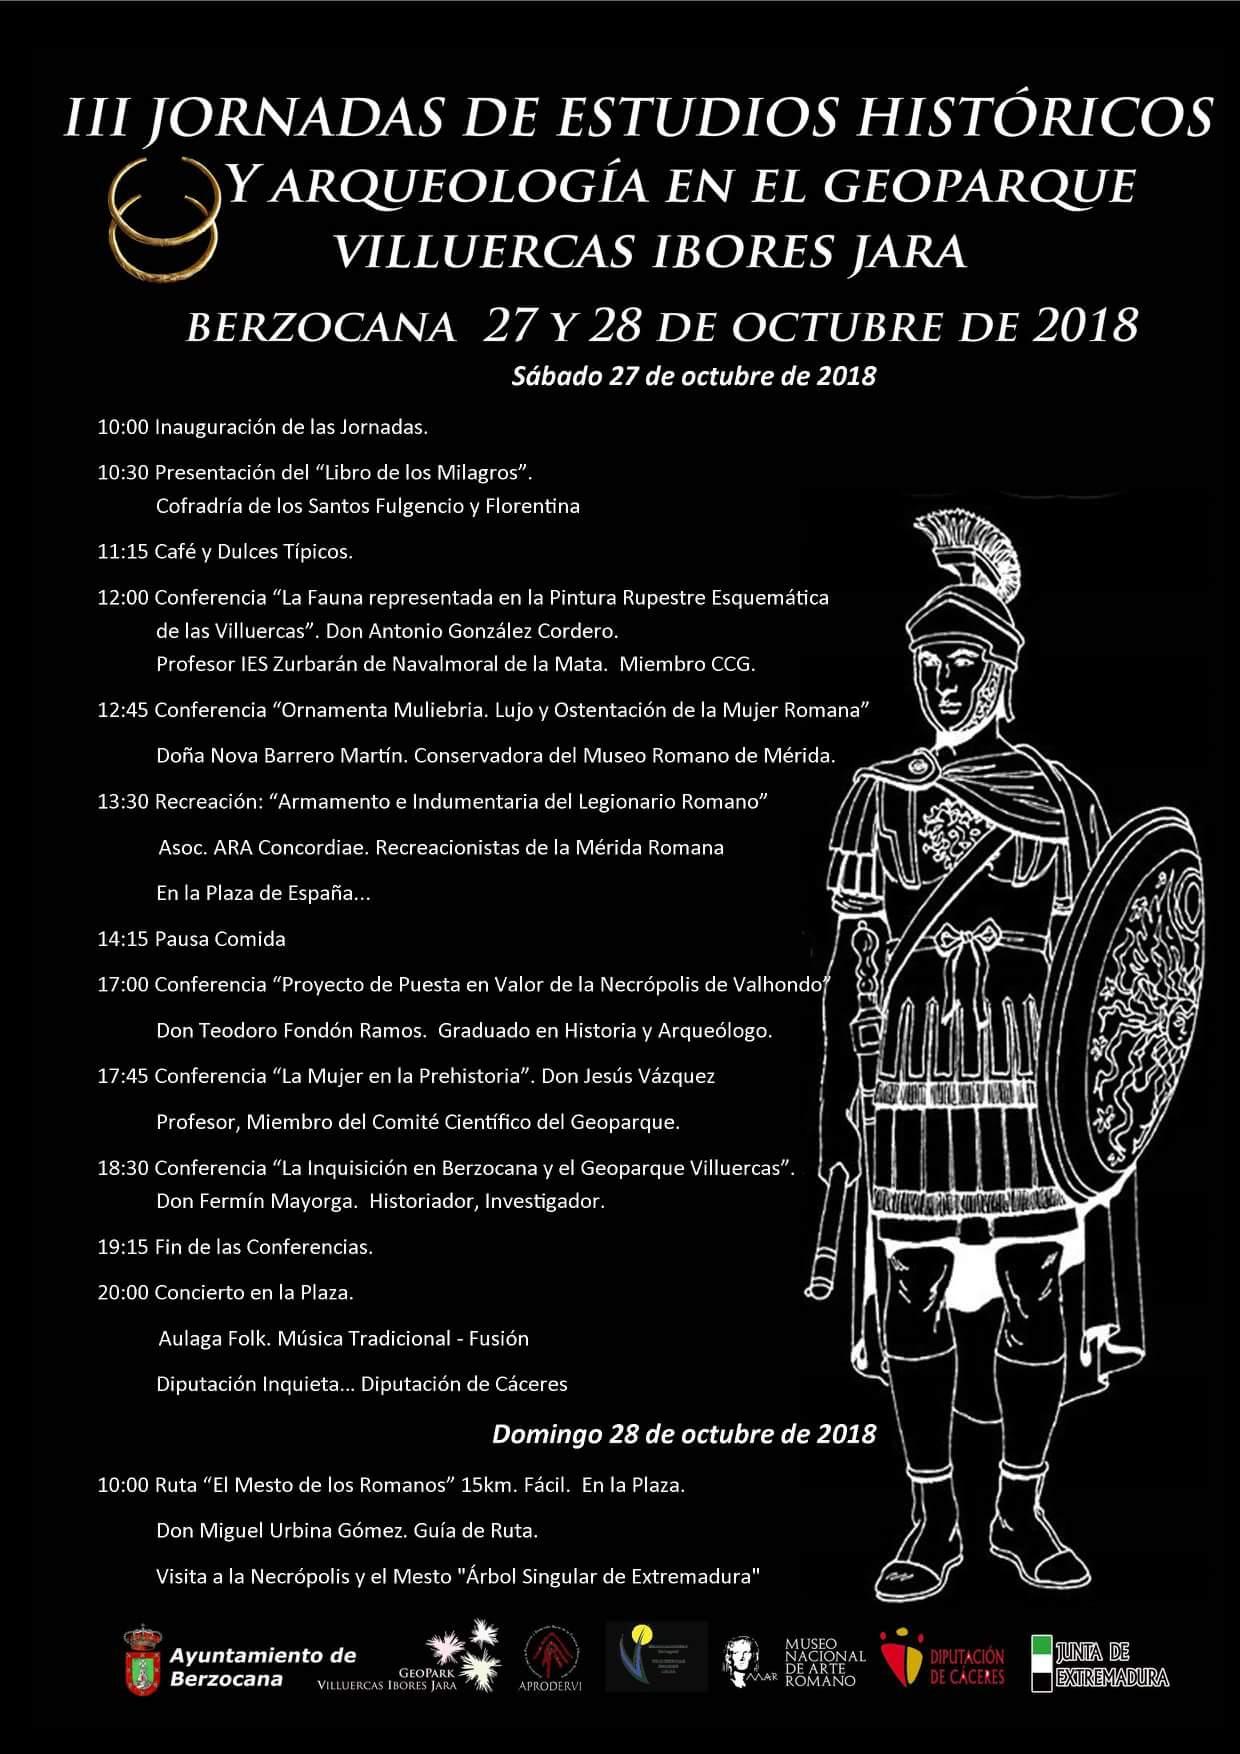 III Jornadas de estudios históricos y arqueología en el Geoparque Villuercas Ibores Jara